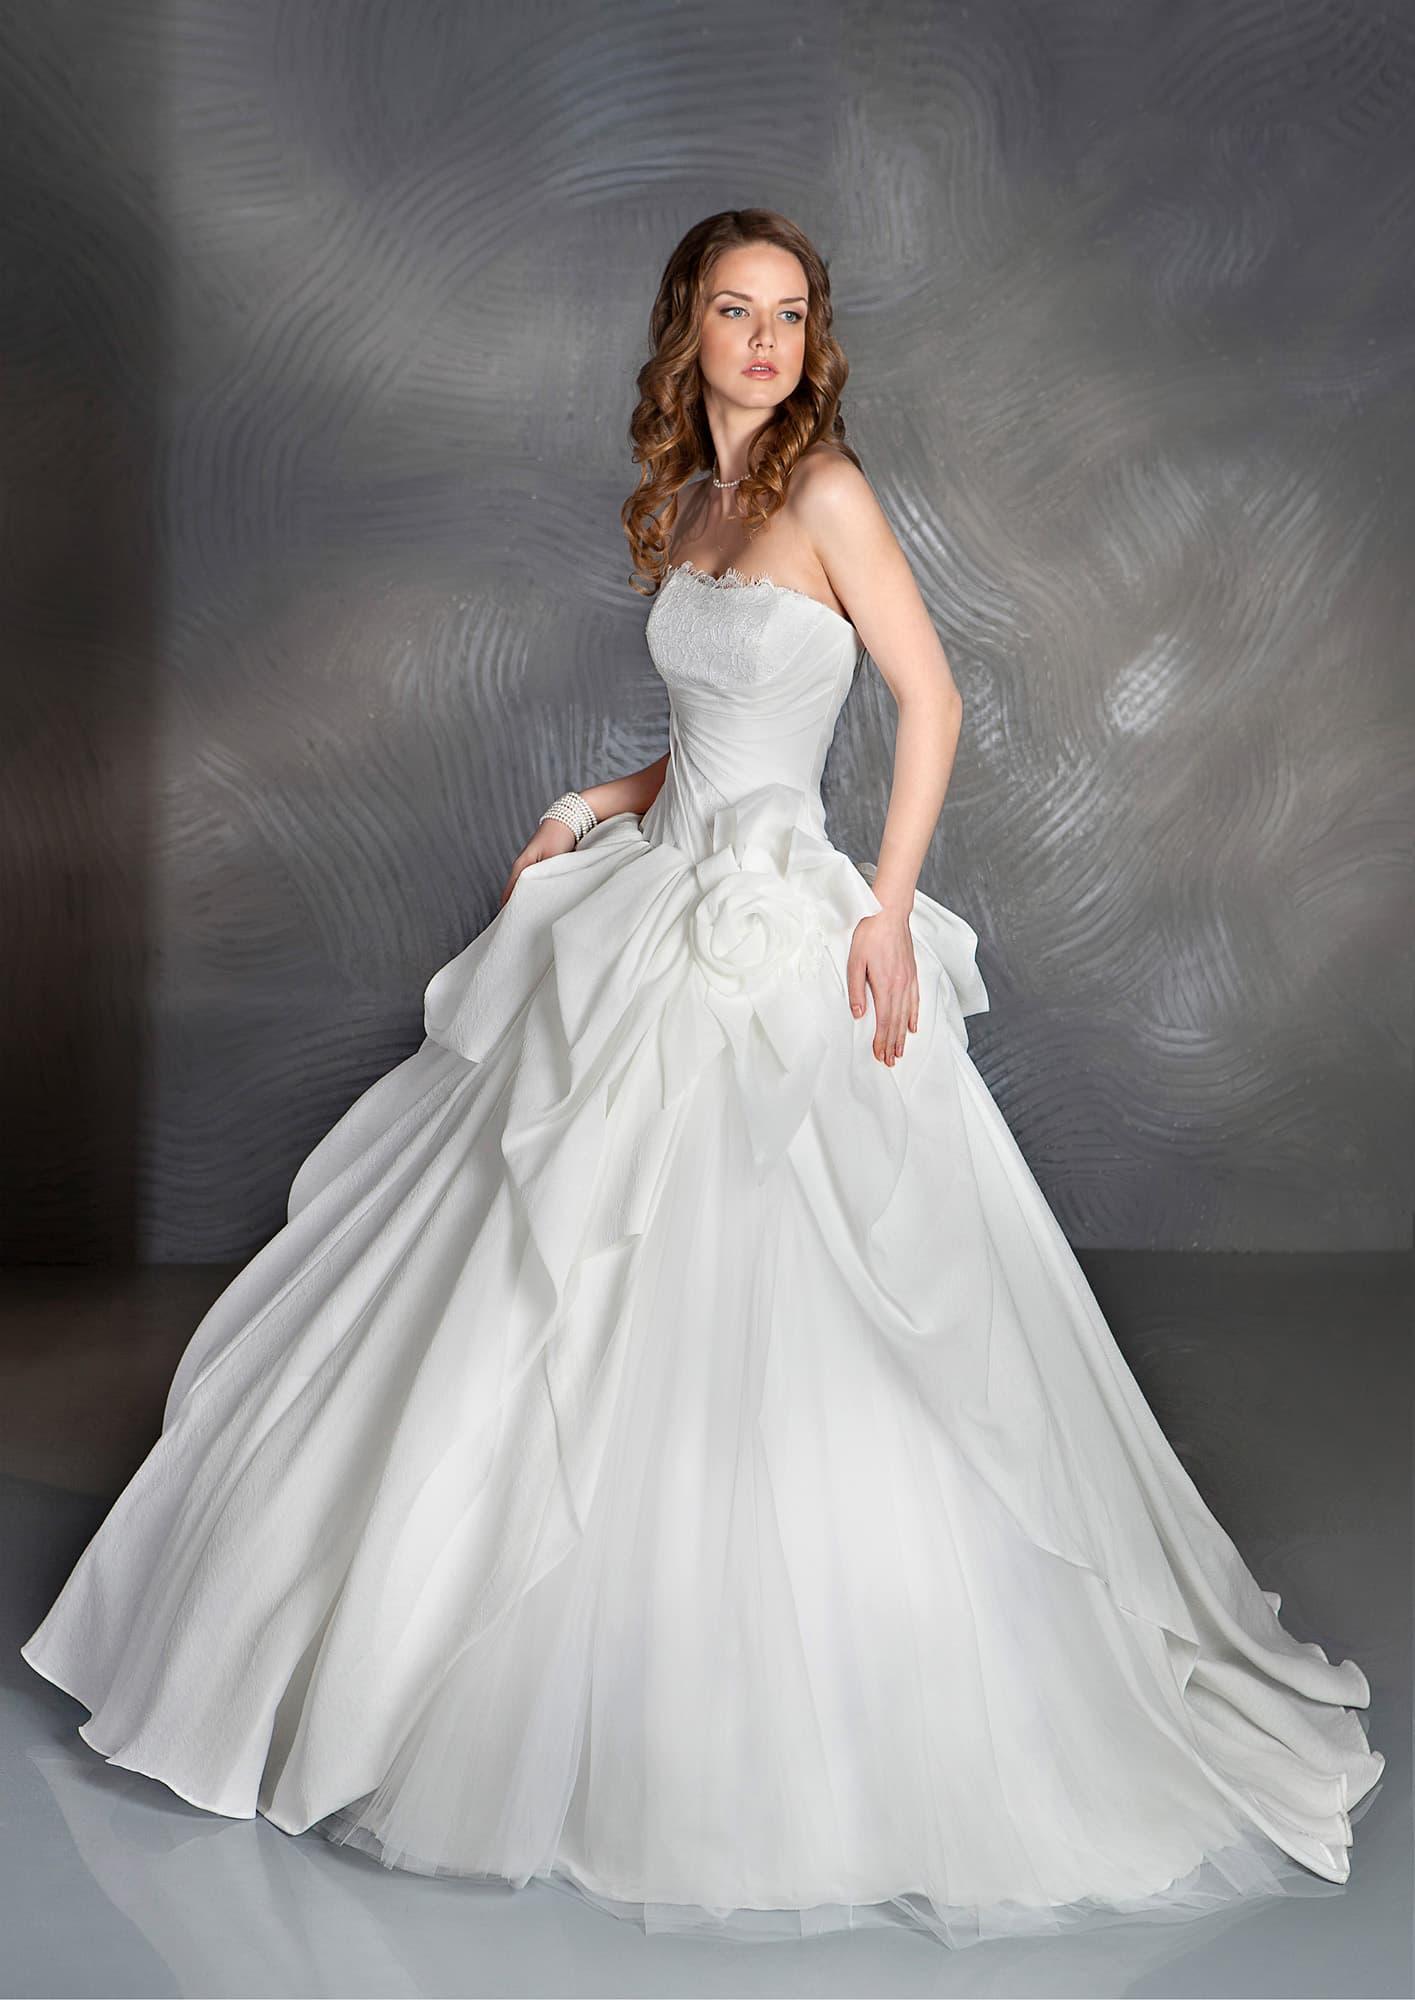 9c8154950fd3a49 Свадебное платье пышного кроя с объемным бутоном на талии и открытым  корсетом с драпировками.